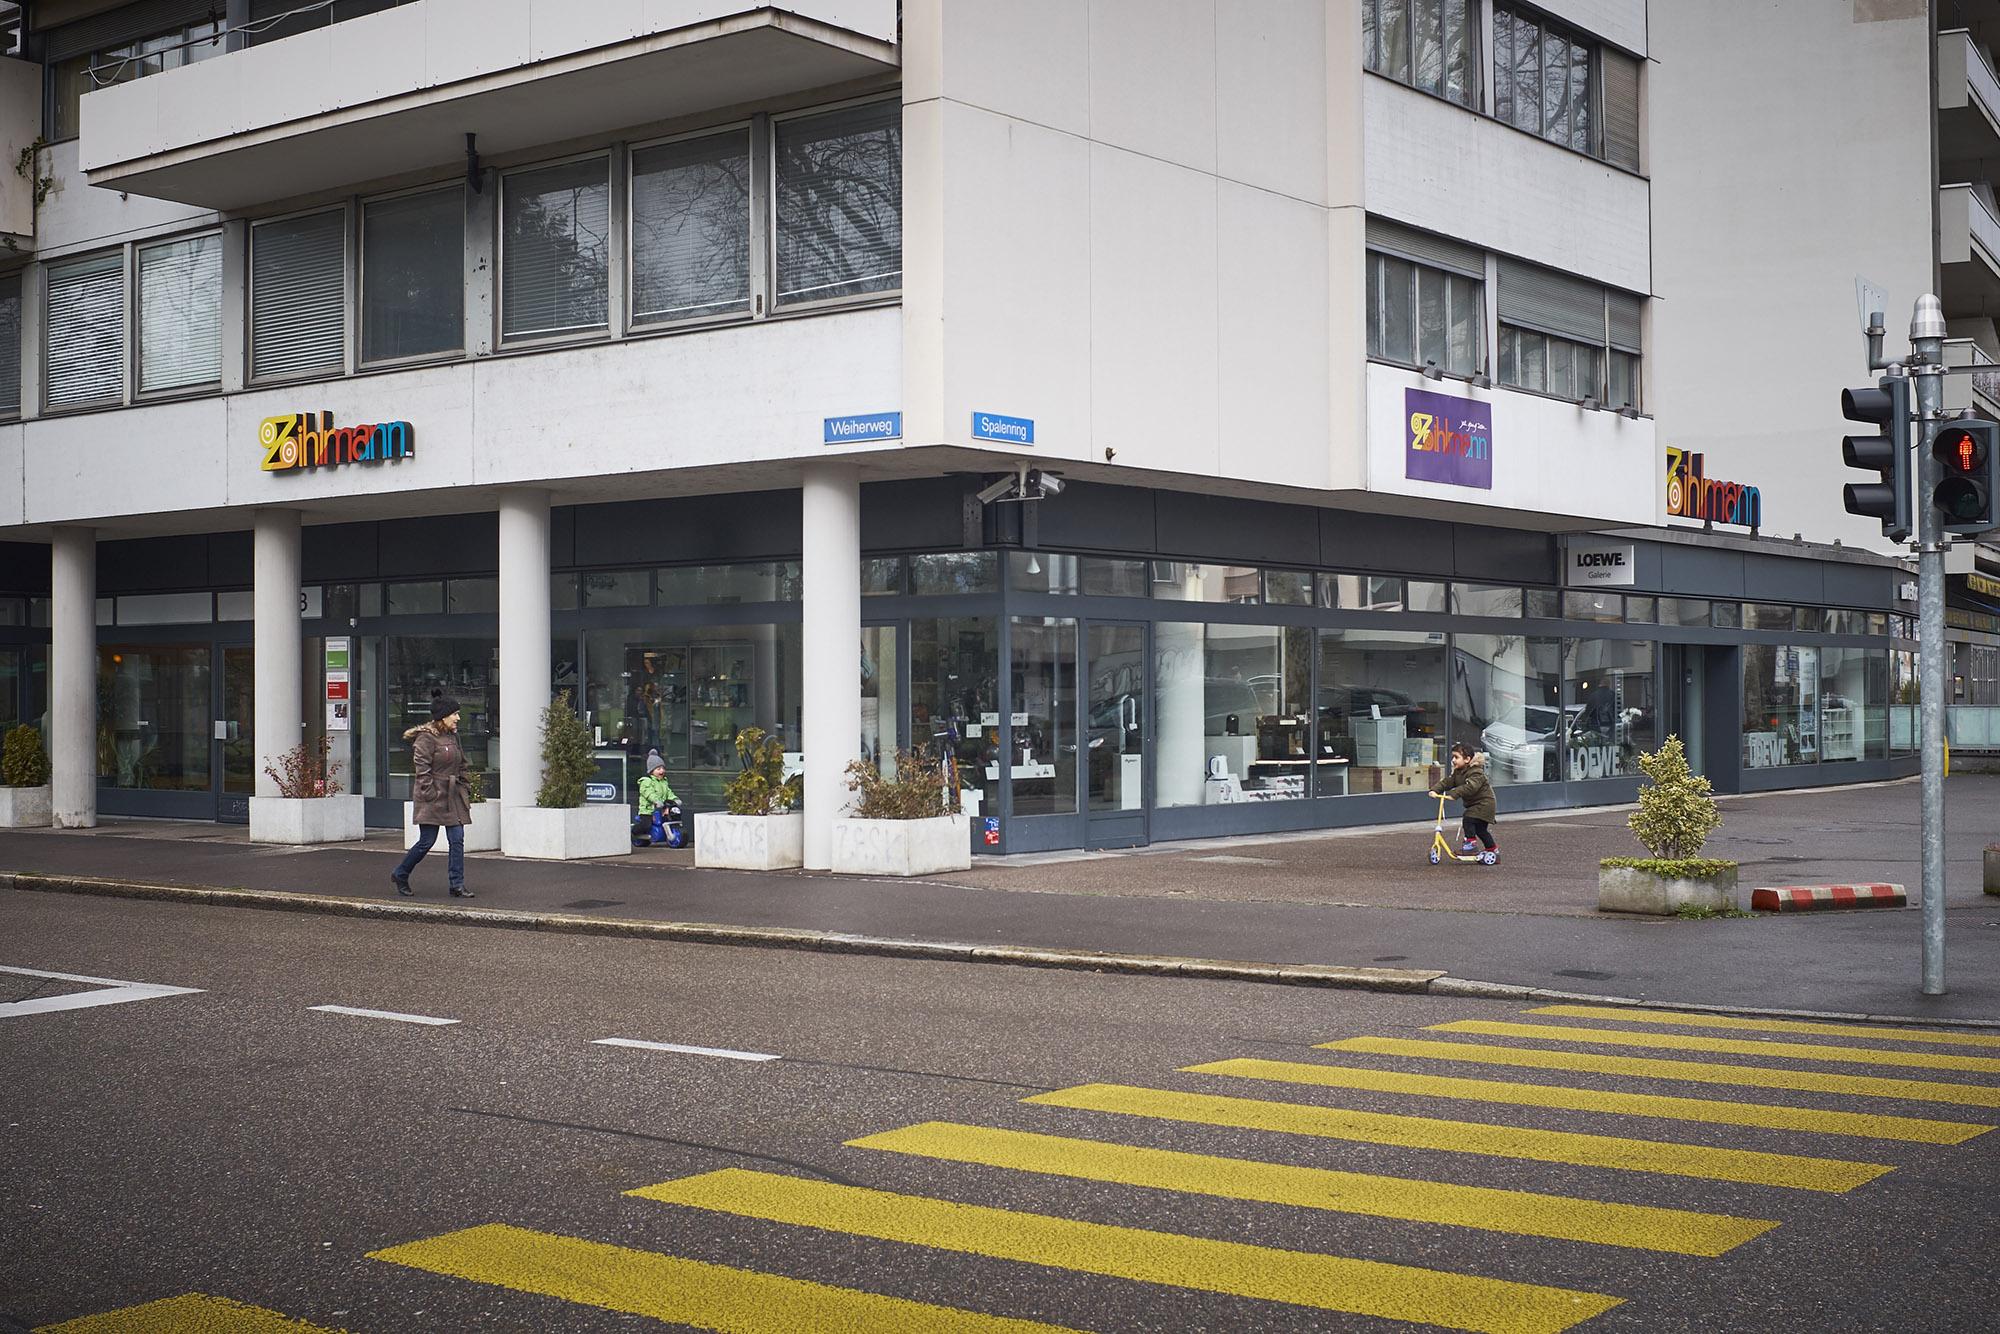 Die Zihlmann-Filiale am Spalenring bleibt wohl für immer geschlossen.